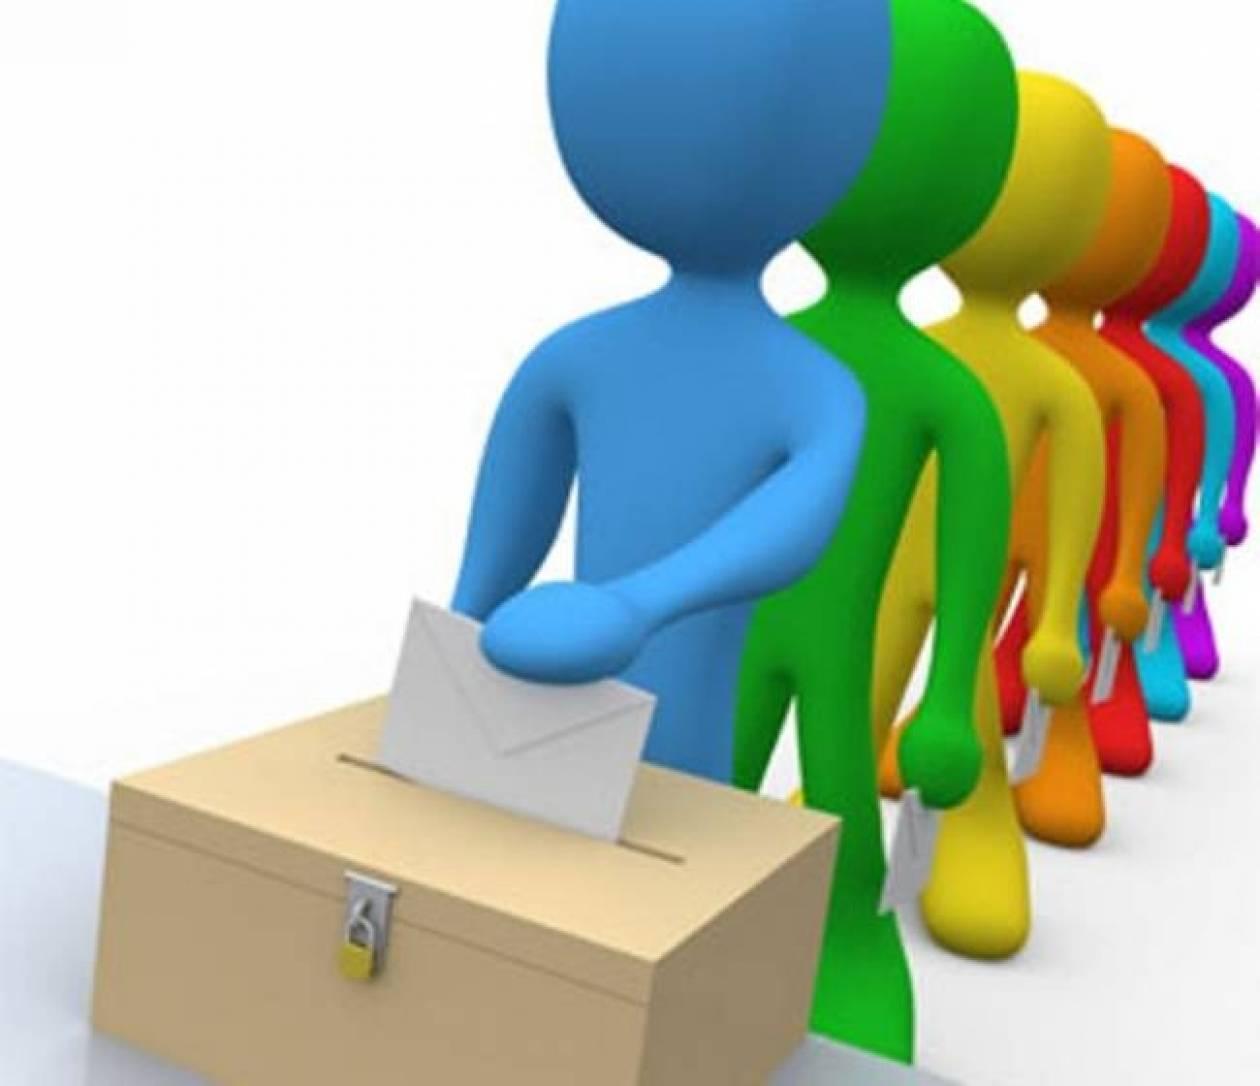 Νέα δημοσκόπηση: Προηγείται ο ΣΥΡΙΖΑ